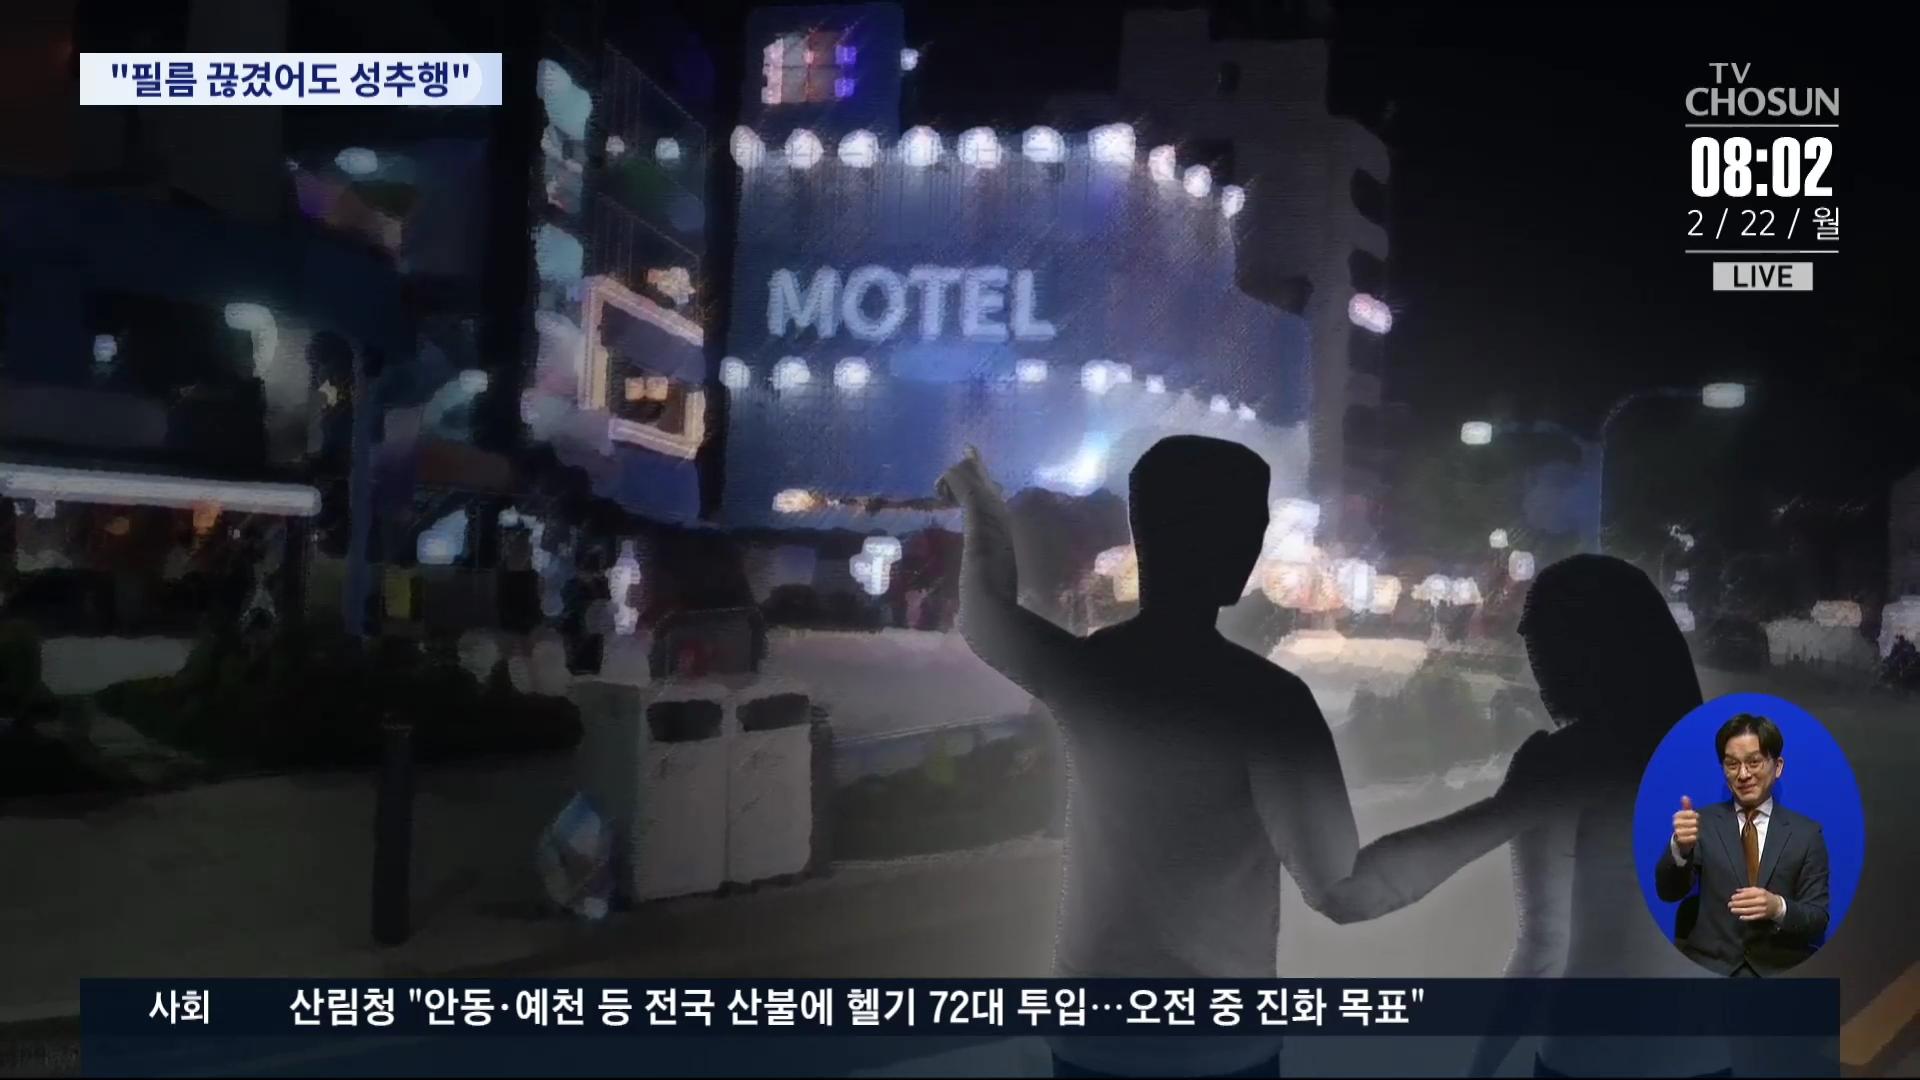 '필름 끊긴' 만취 10대 모텔 데려가…대법 '동의해도 성추행'